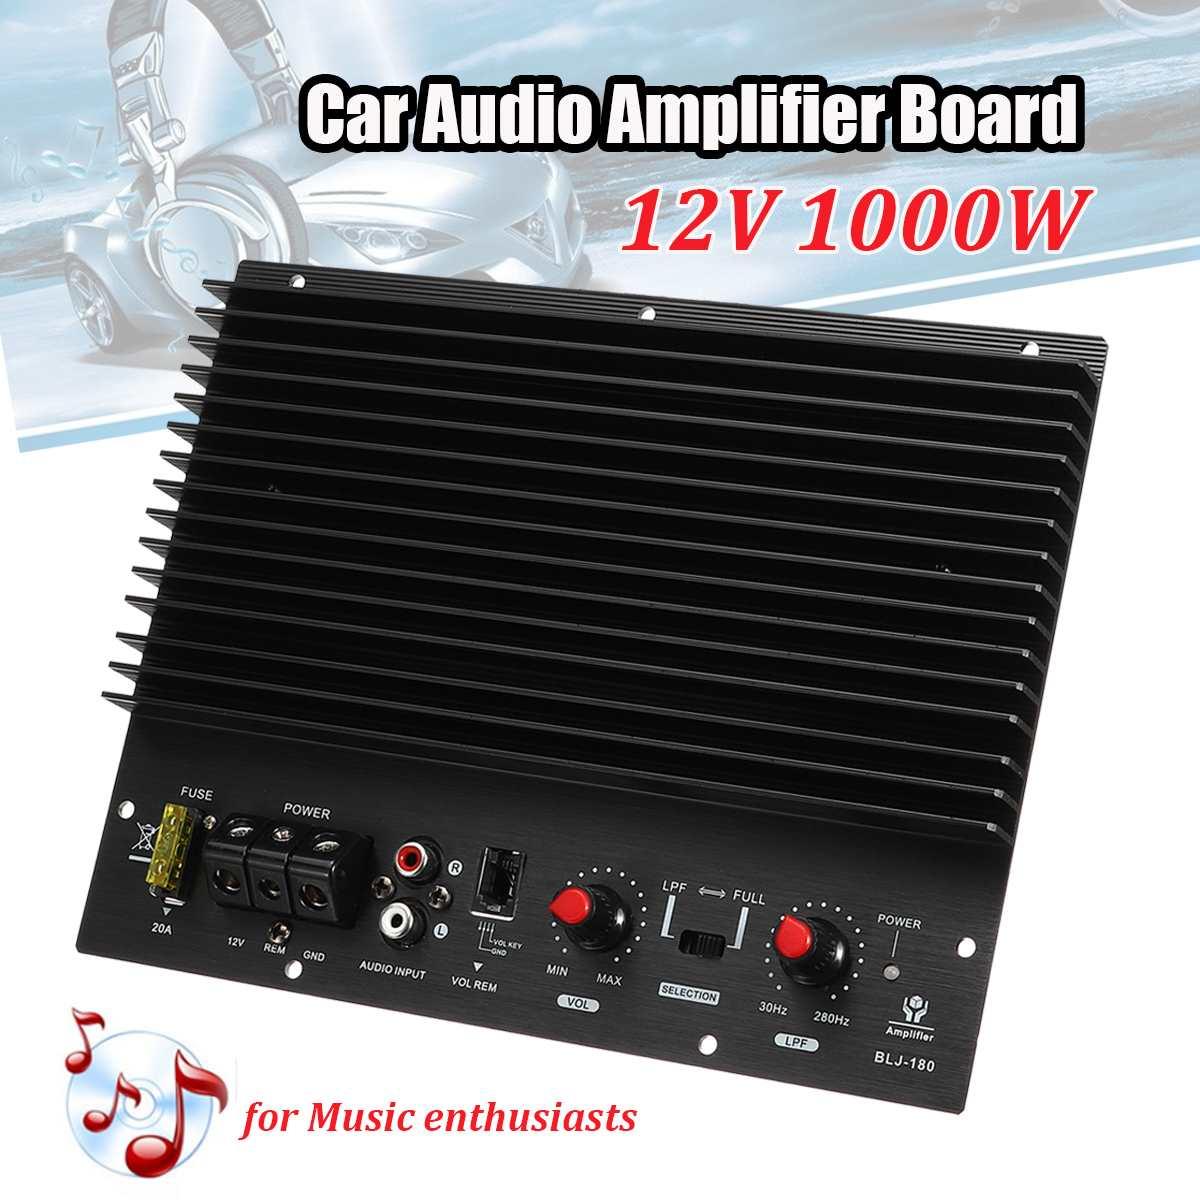 AMPLIFICADOR DE POTENCIA DE Audio para coche de 12V y 1000W, Subwoofer potente con tarjeta amplificadora de bajos para coche, tablero de amplificador DIY para reproductor de coche